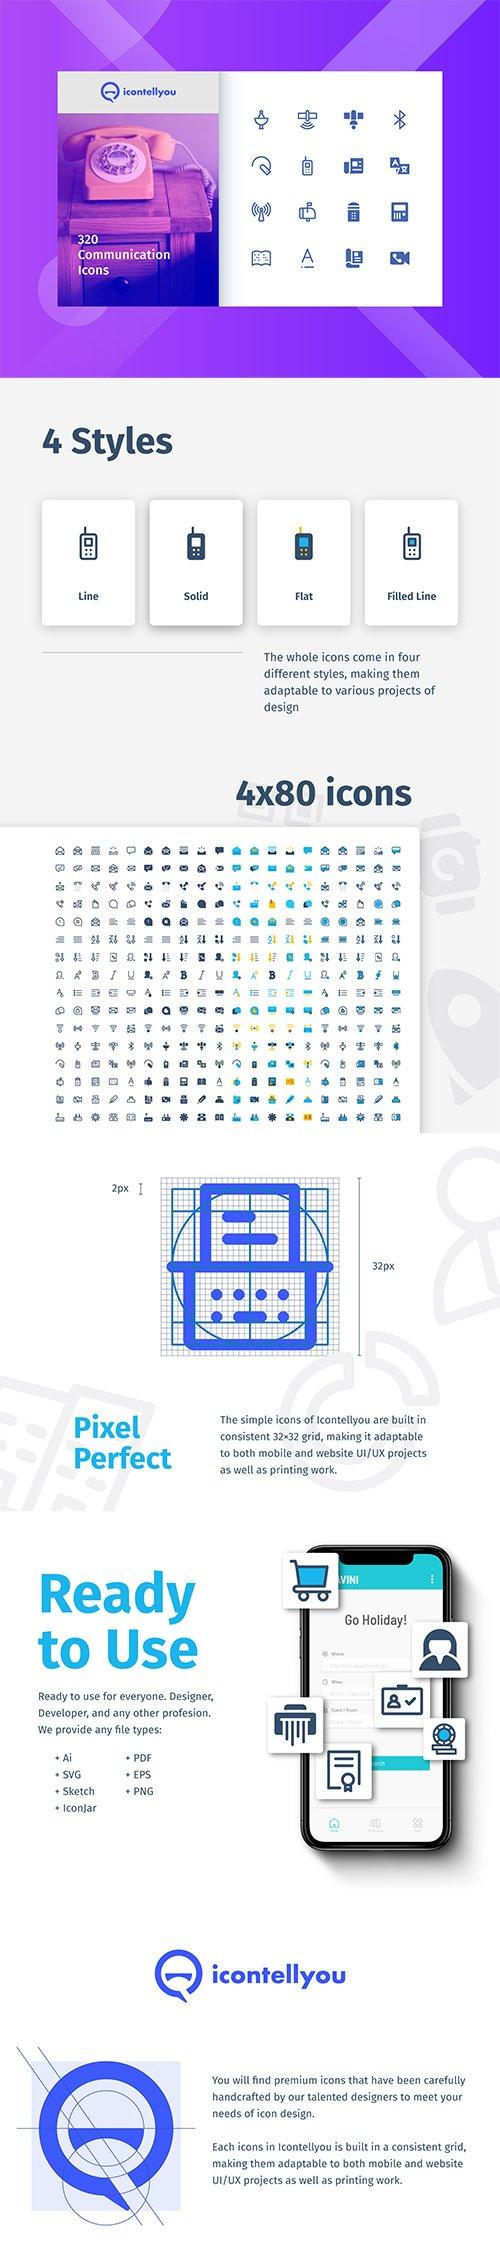 Icontellyou - Communication Icons